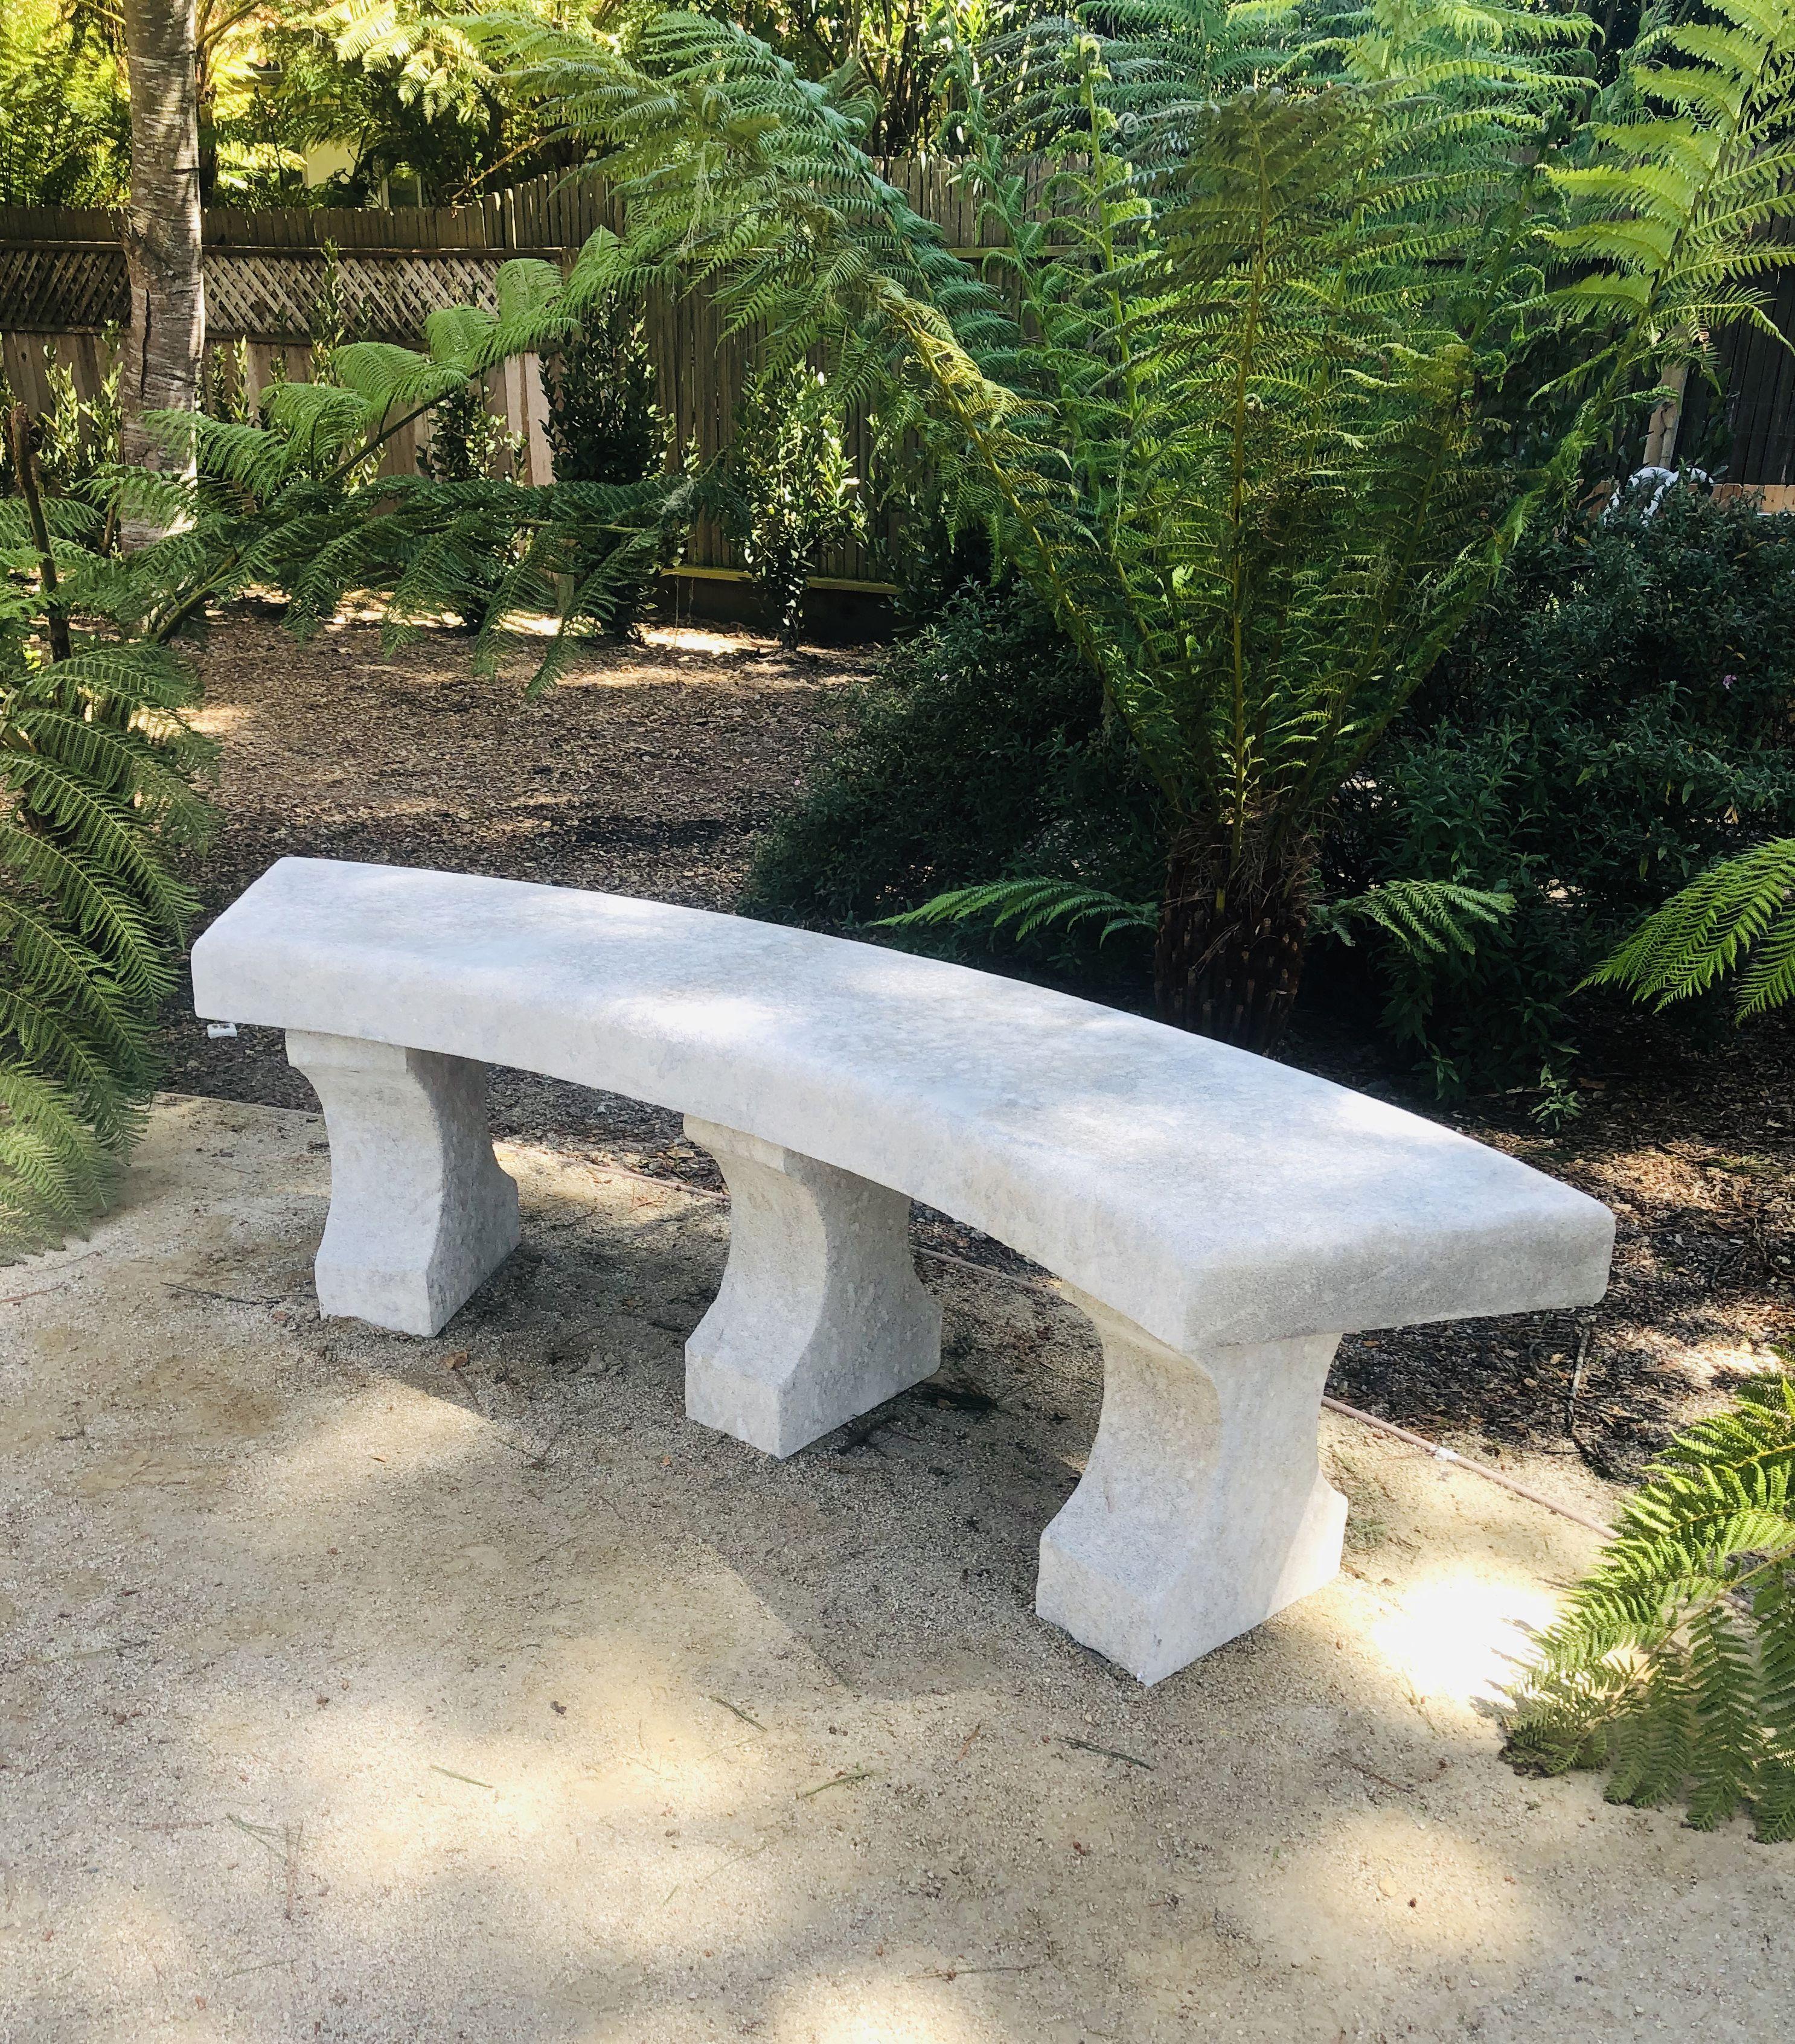 Charmant Banc Incurve En Pierre De Provence Mobilier De Jardin En Pierre Atelier Alain Bidal Mobilier Jardin Banc Jardin Jardins